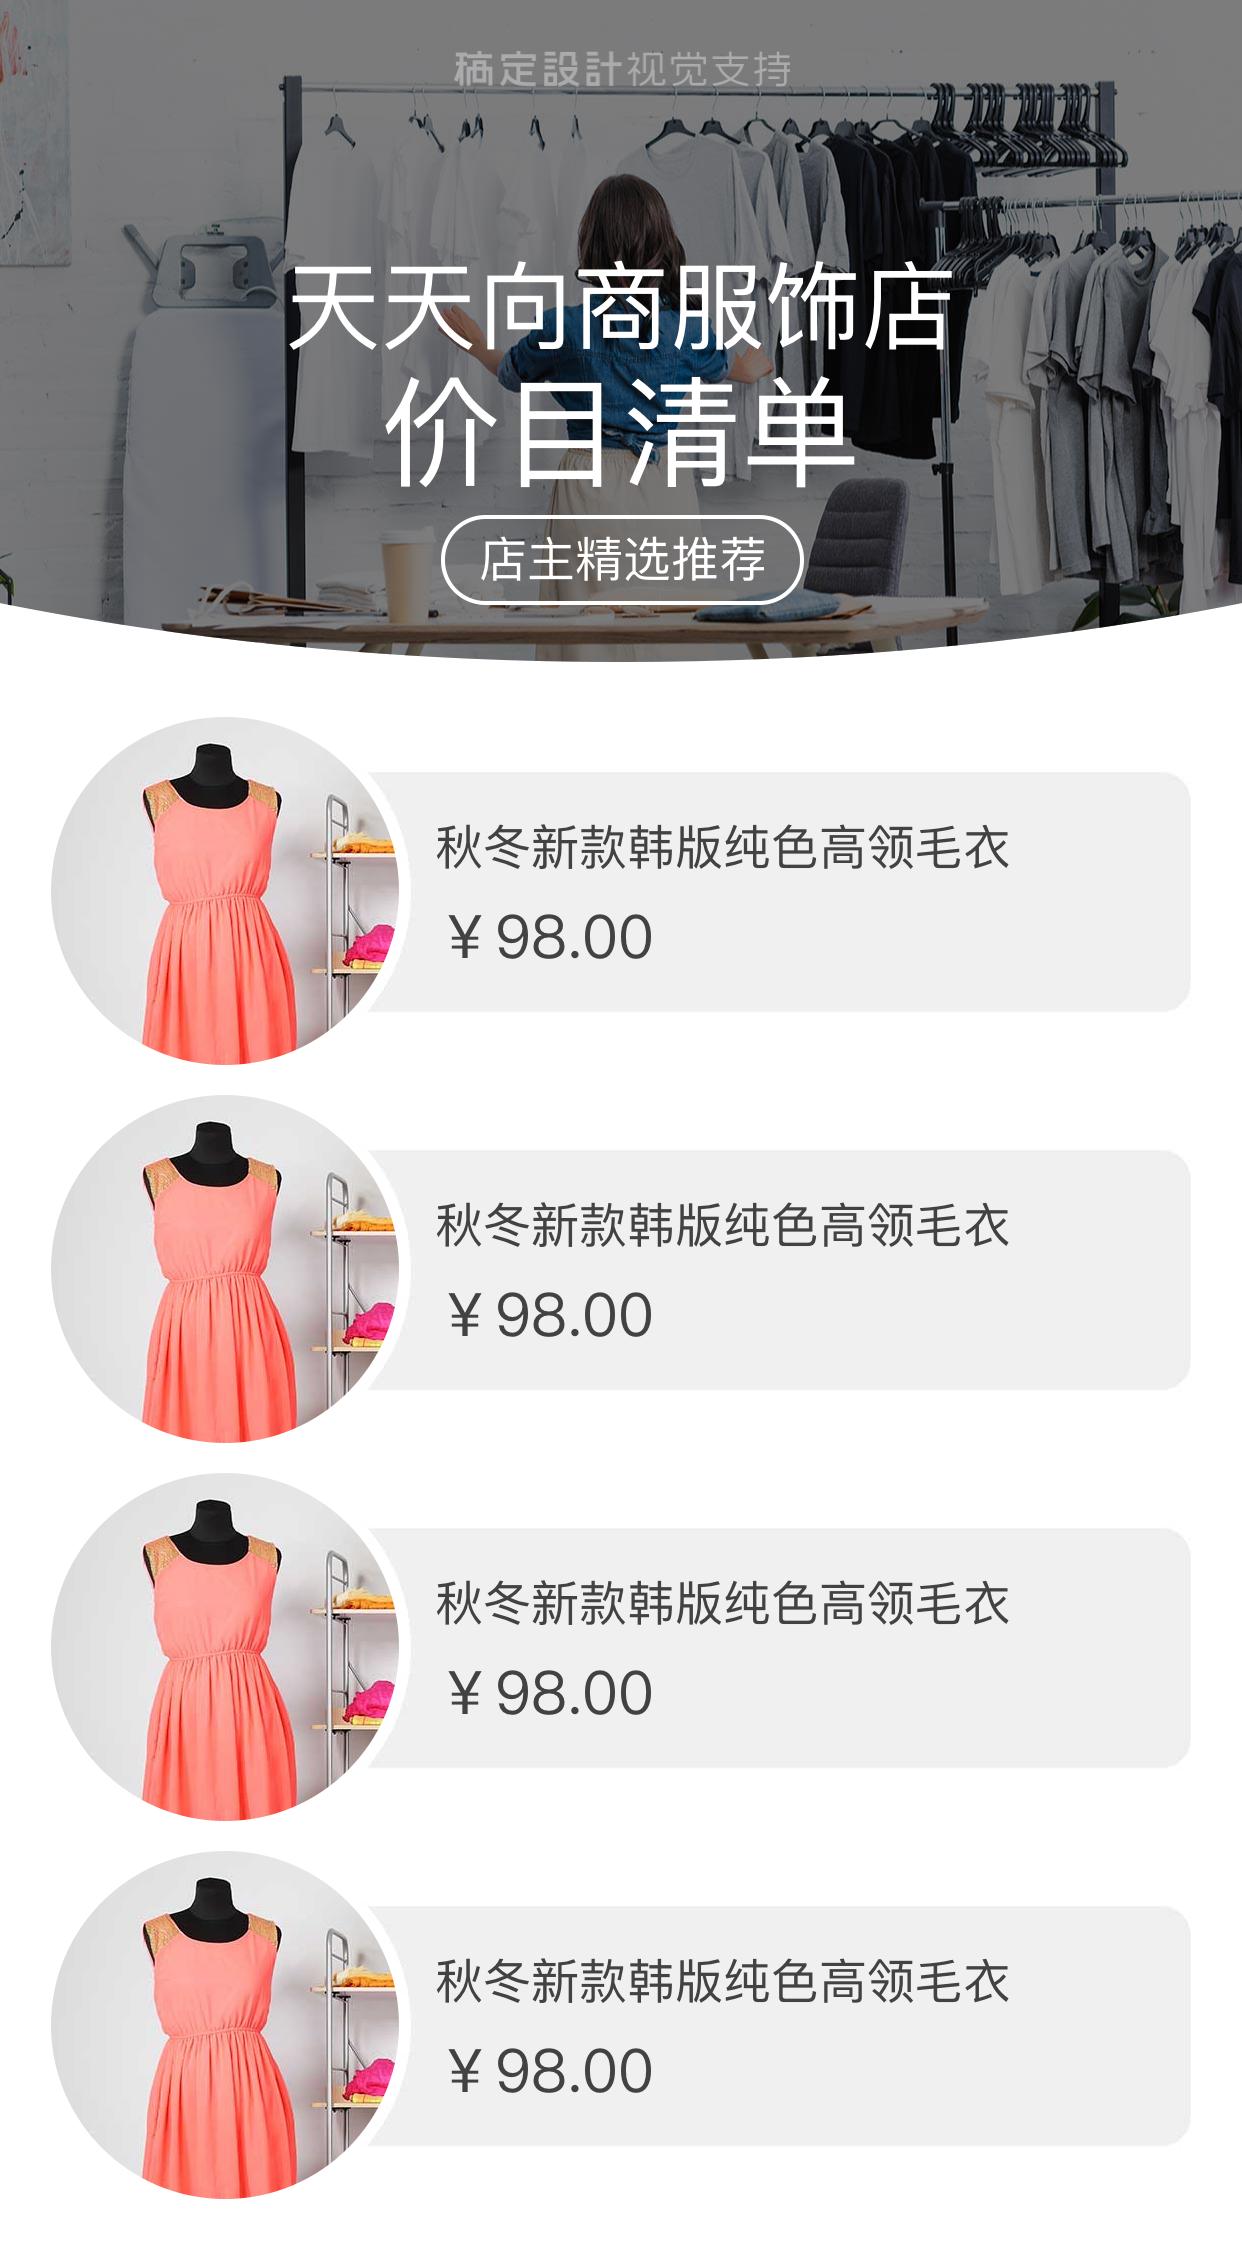 服饰店价目清单